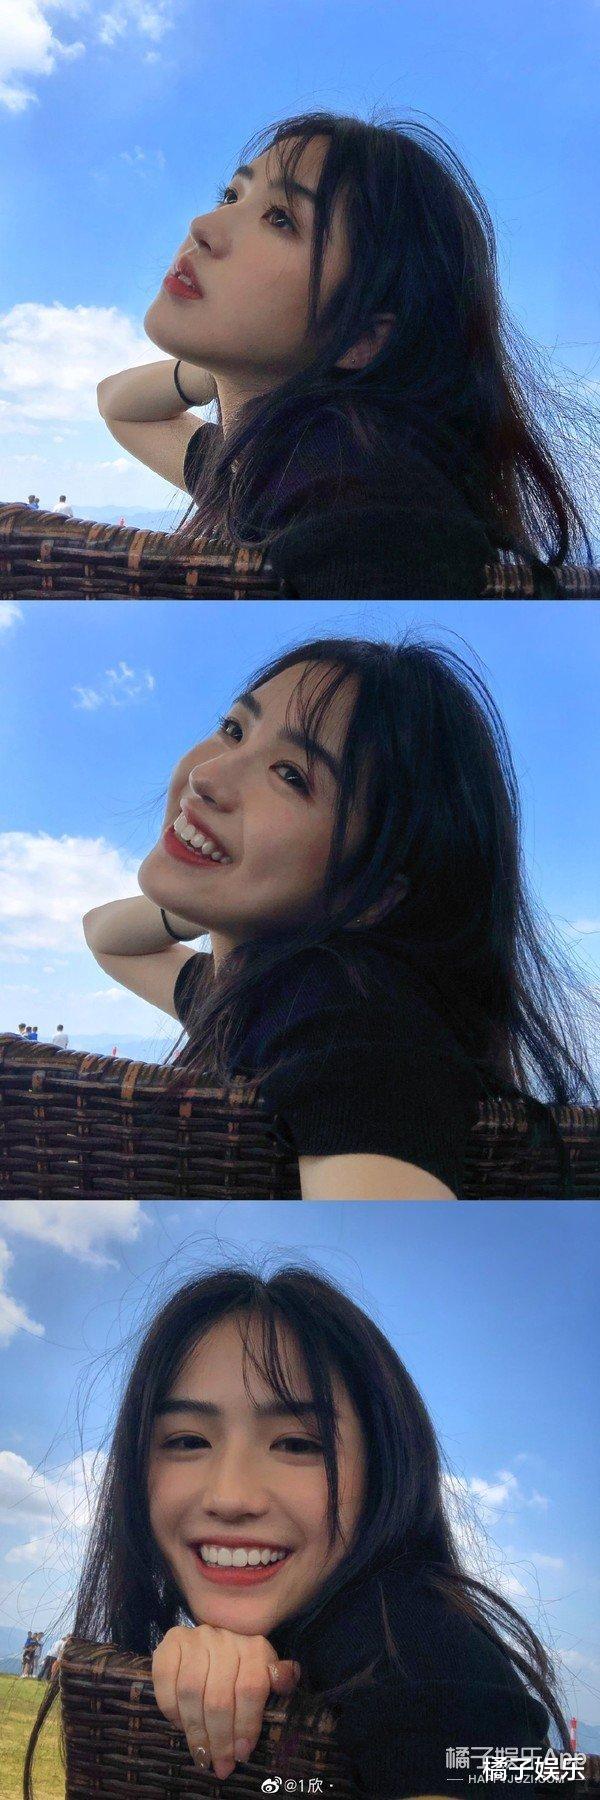 """高知美少女網紅照片翻車! 首秀直播真顏判若兩人, 算""""詐騙""""吧?-圖89"""